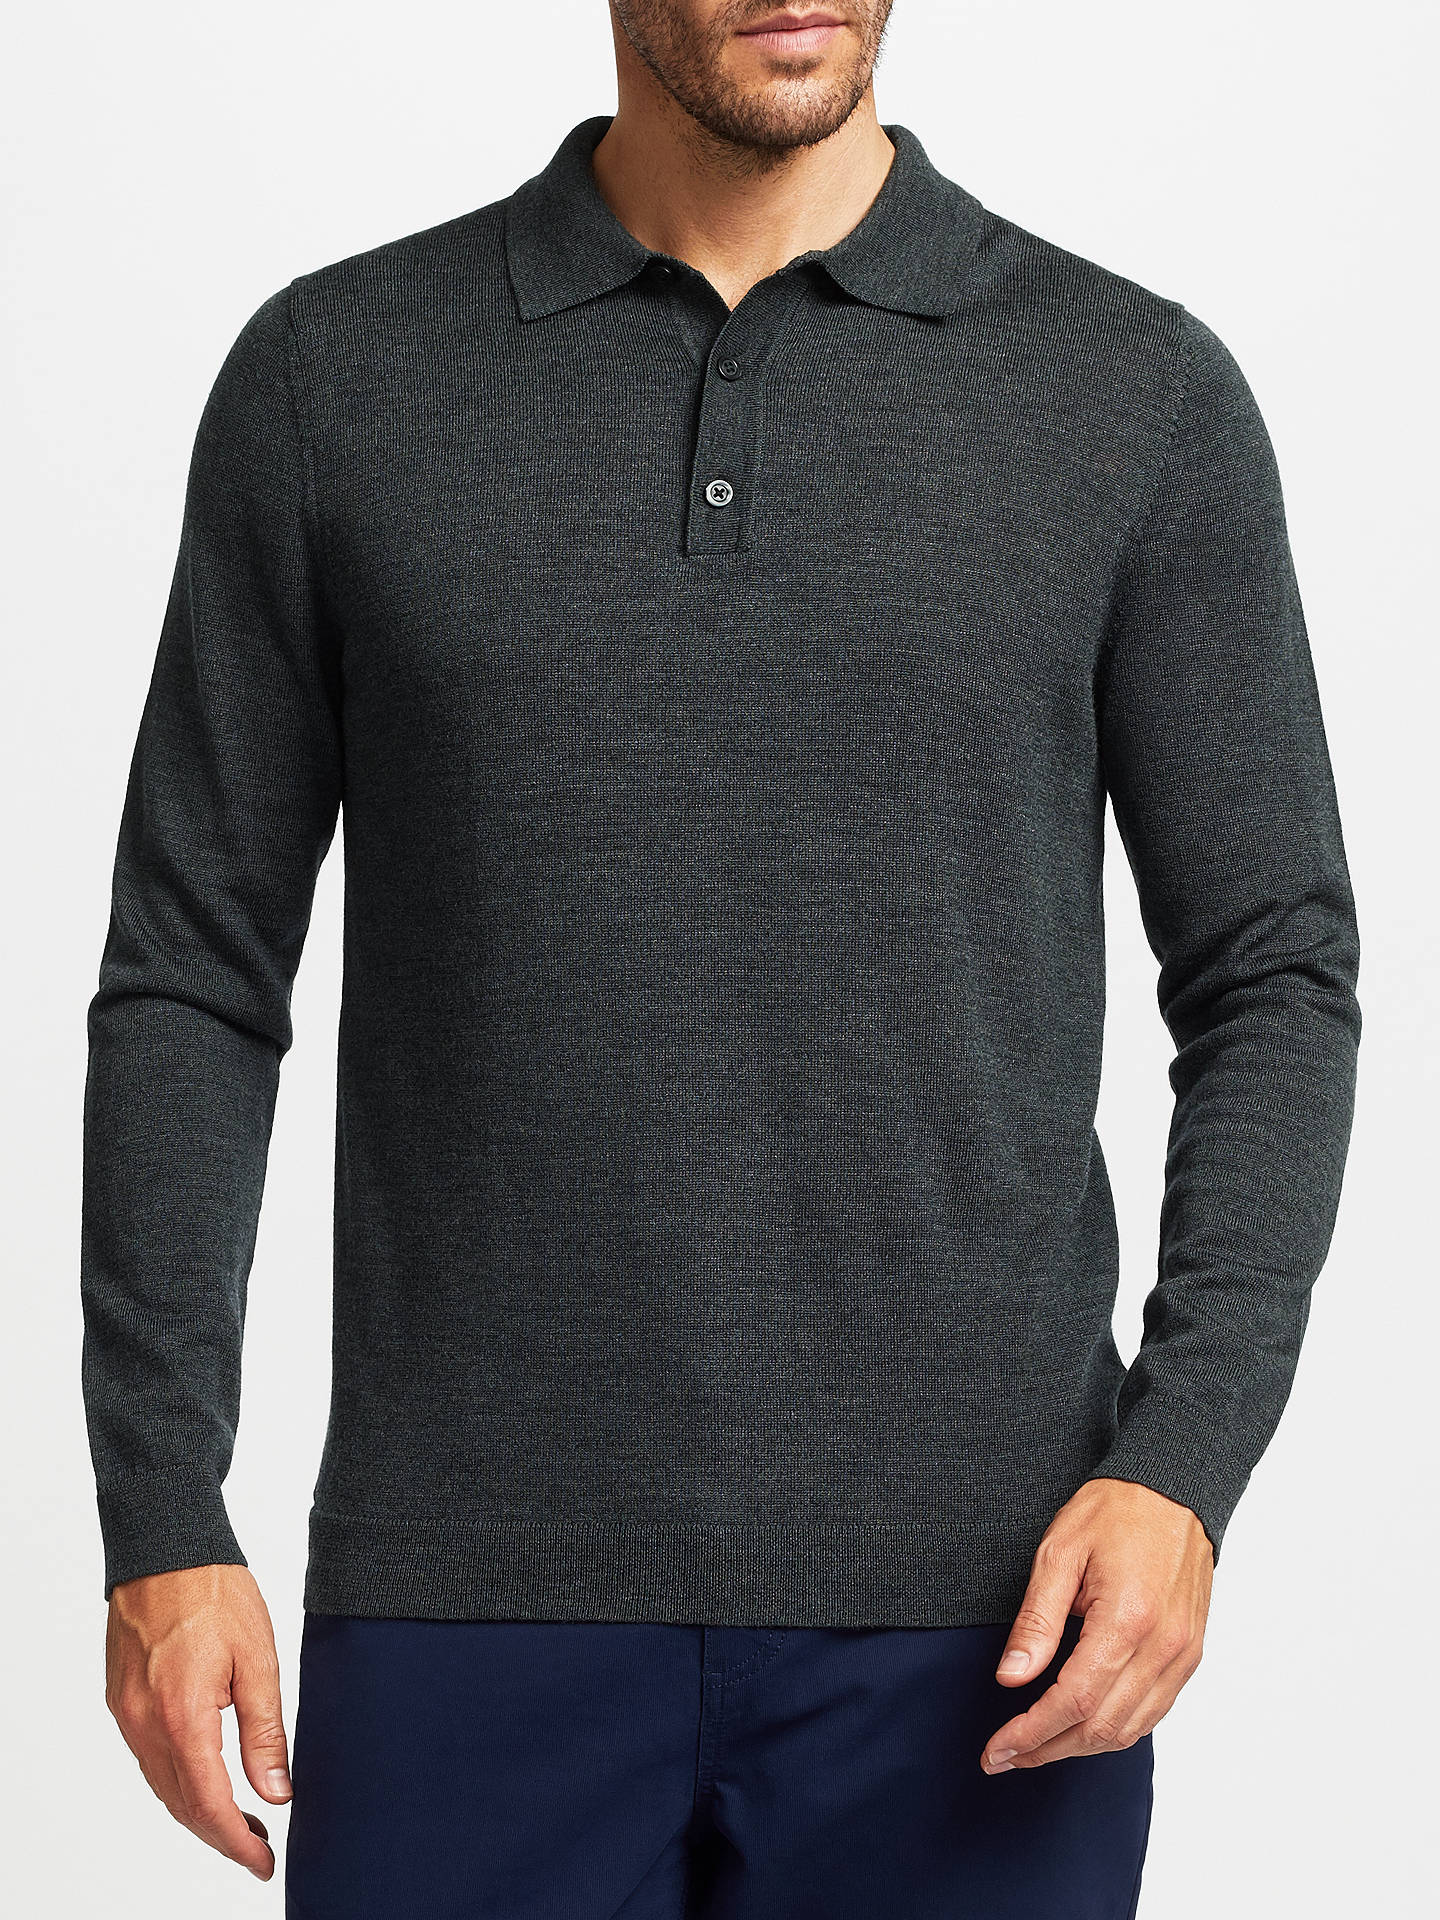 John Lewis Merino Wool Long Sleeve Polo Shirt at John Lewis